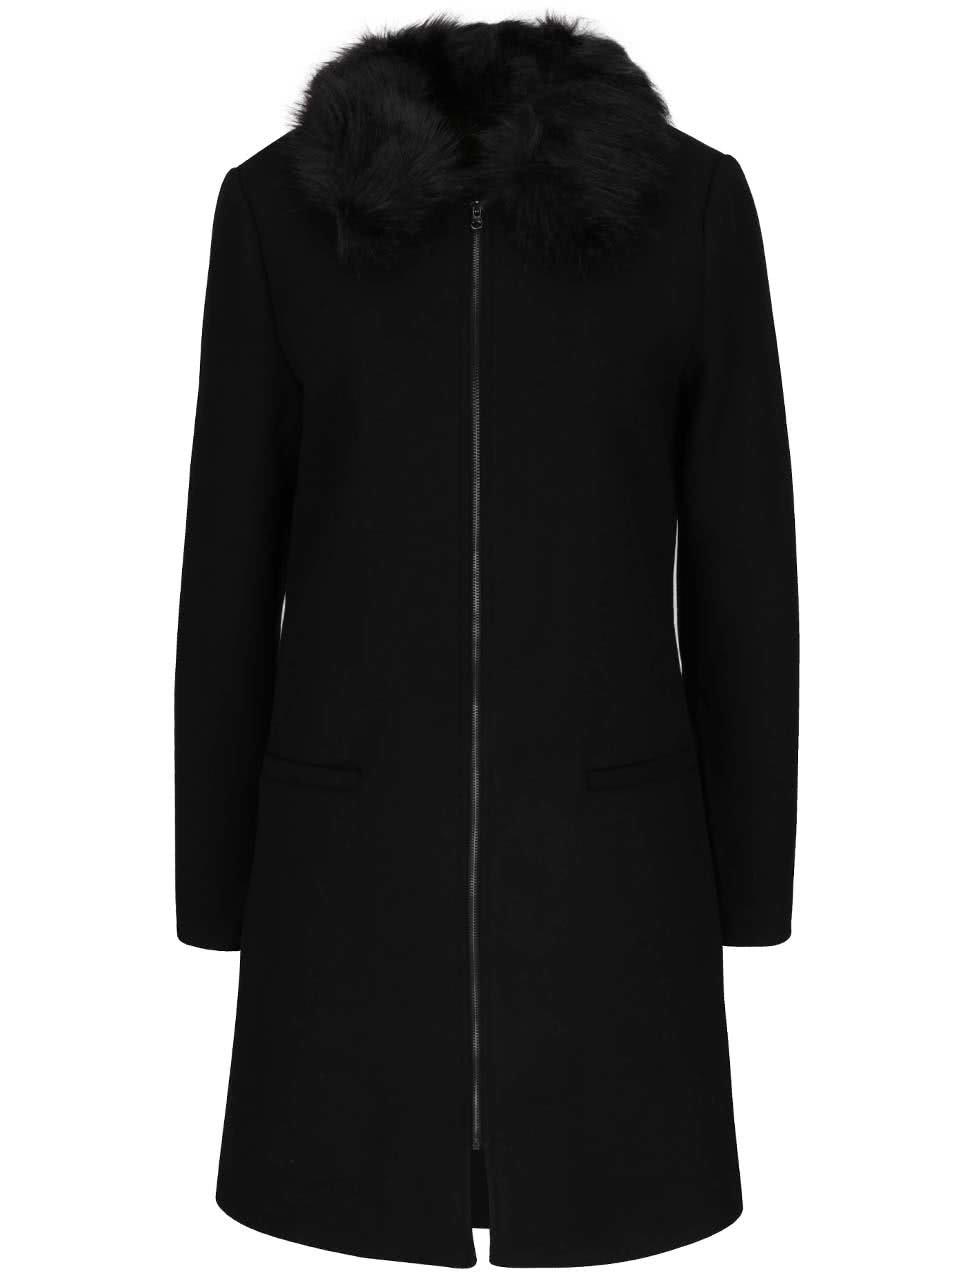 Černý vlněný kabát s umělým kožíškem Share Vero Moda